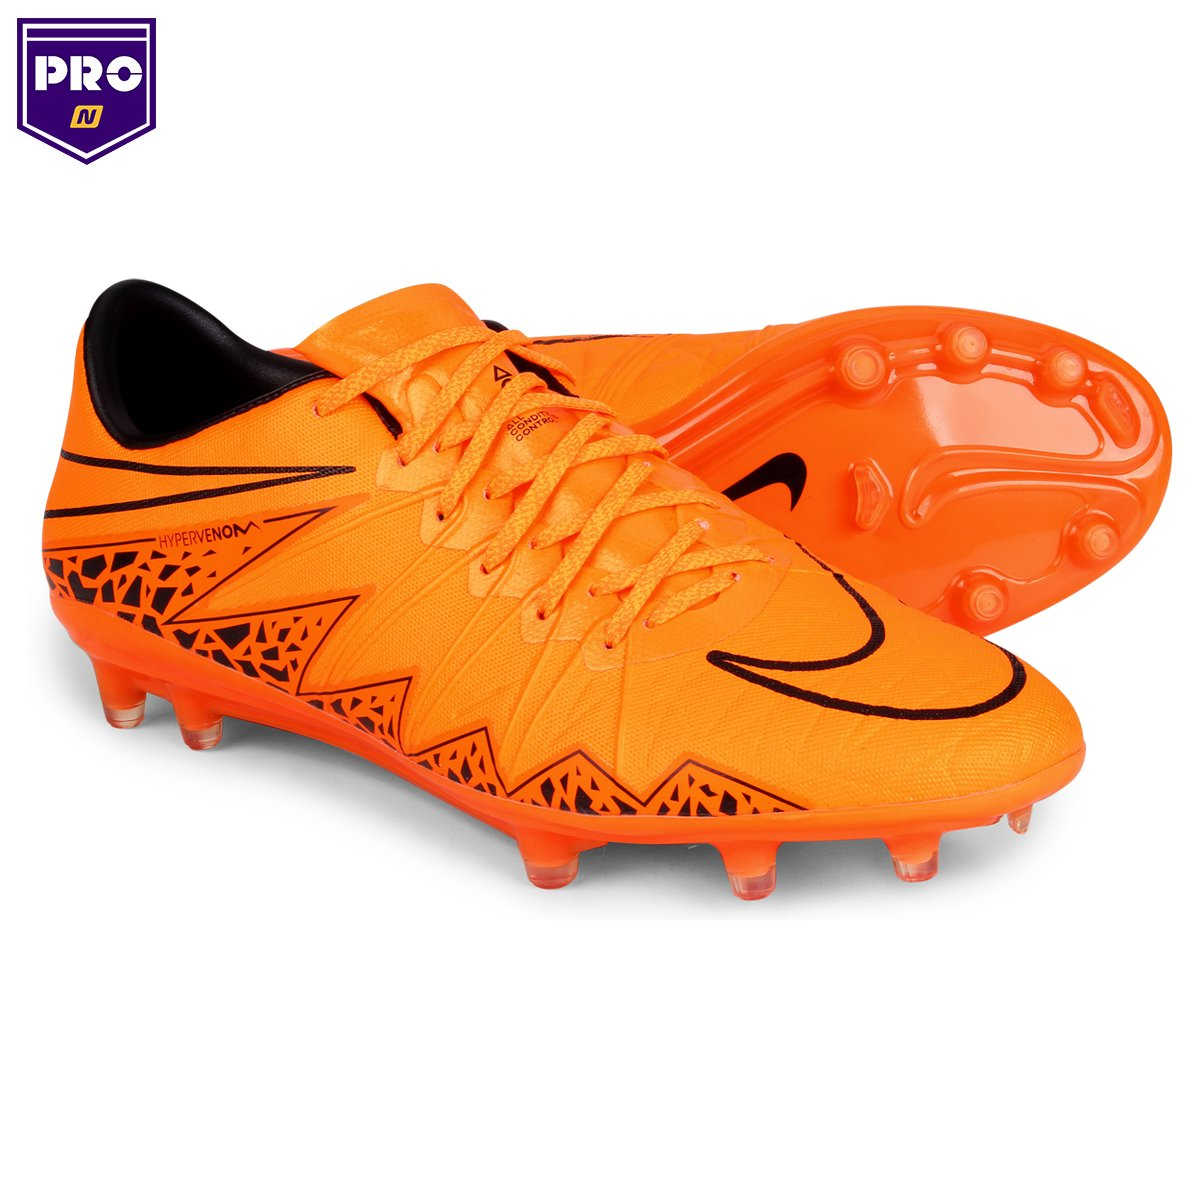 20cb097cf7 Chuteira Campo Nike Hypervenom Phinish FG - Compre Agora